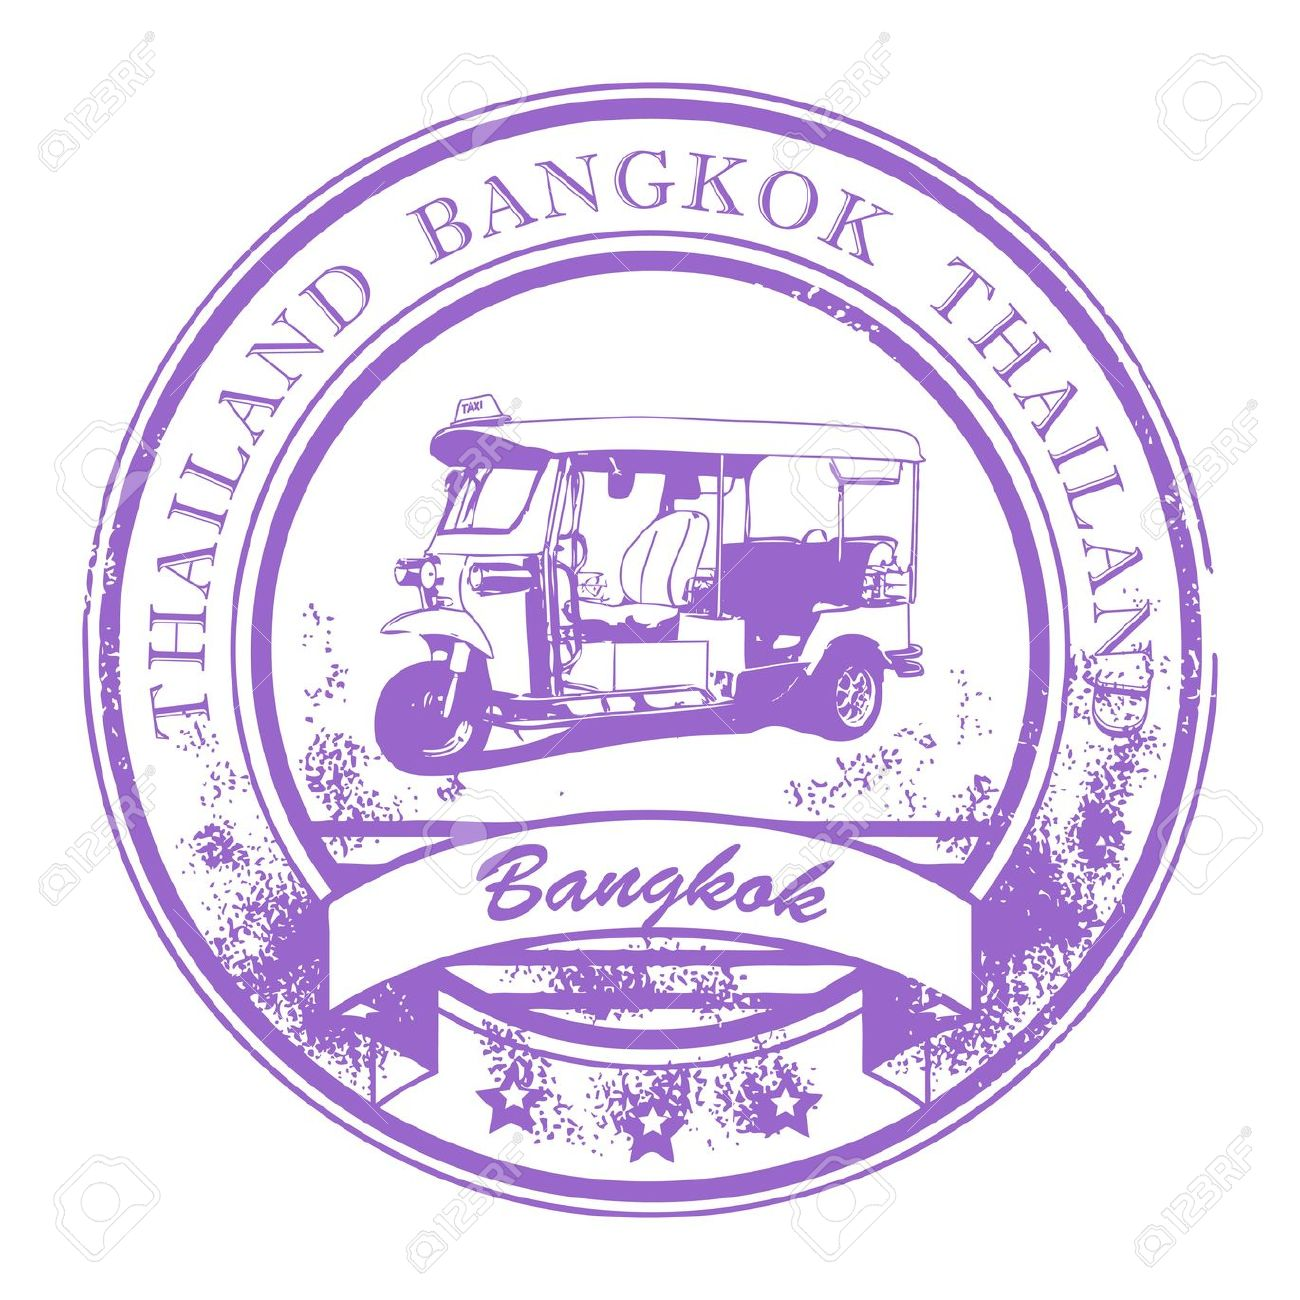 216 Bangkok Word Stock Vector Illustration And Royalty Free.